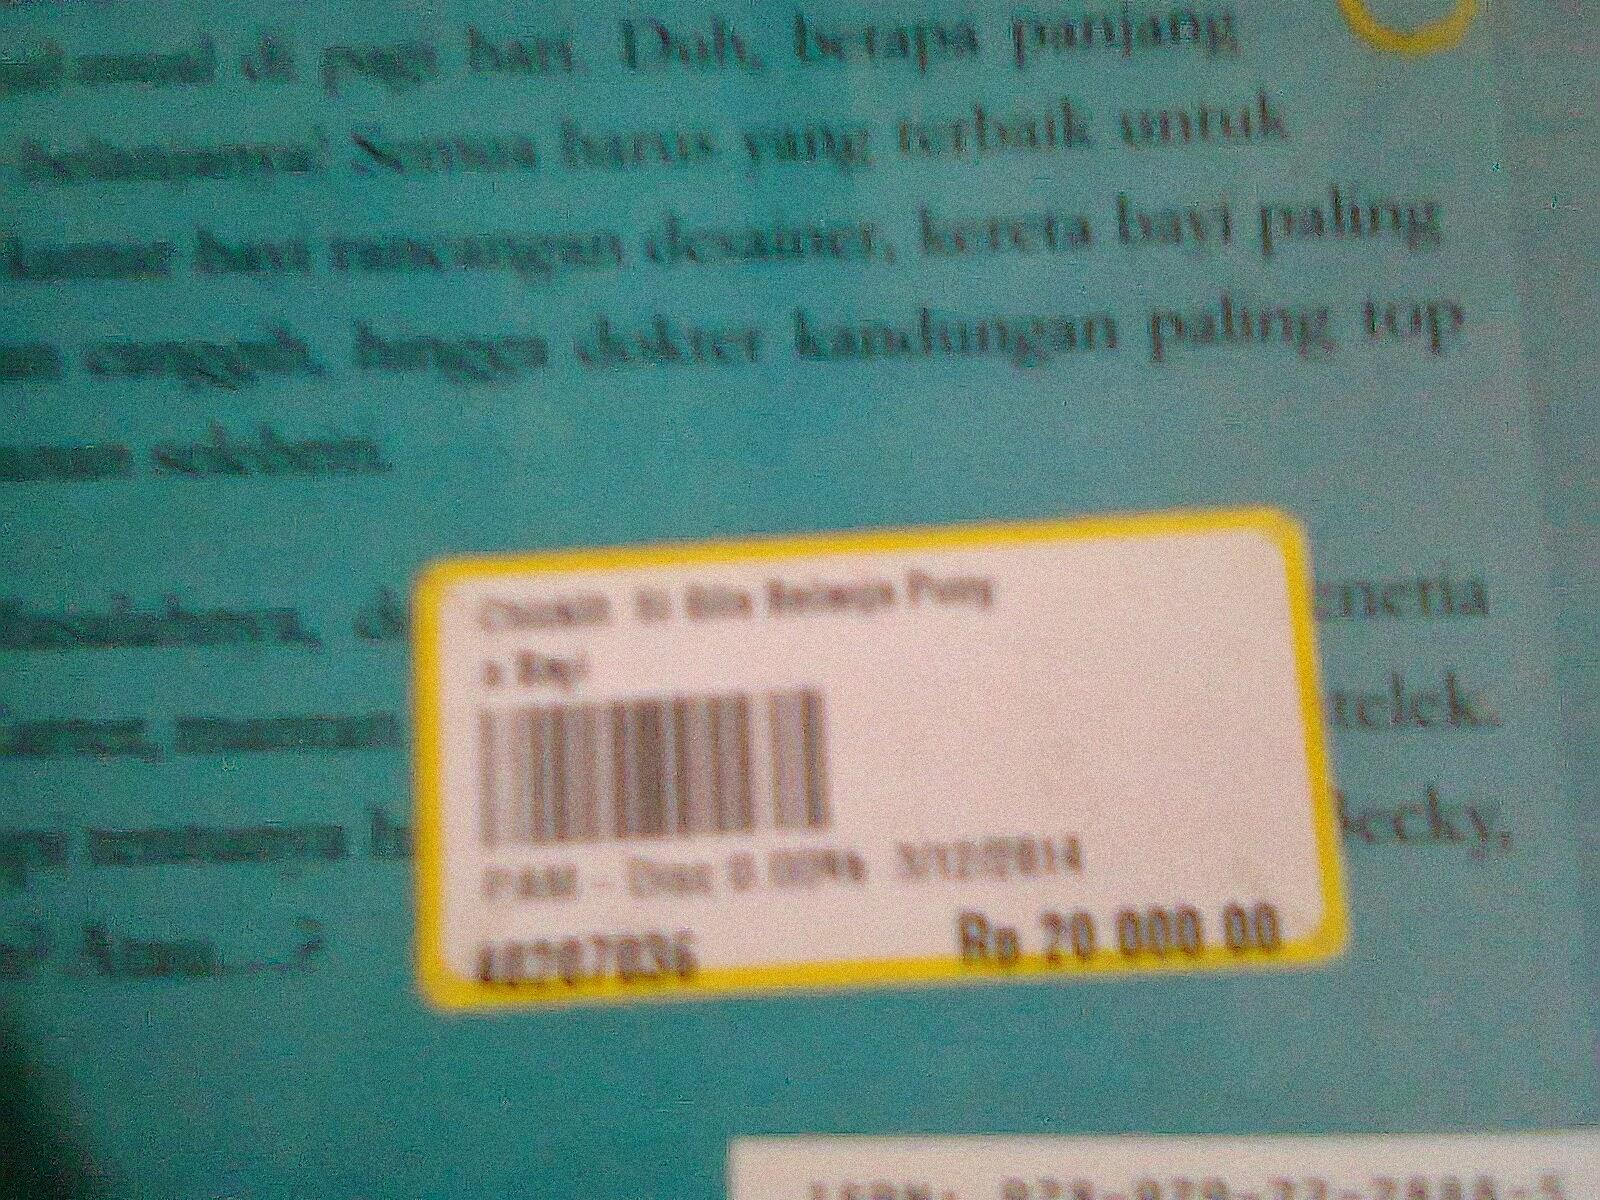 toko buku gramedia tanjungpinang menjual buku murah dan bagus